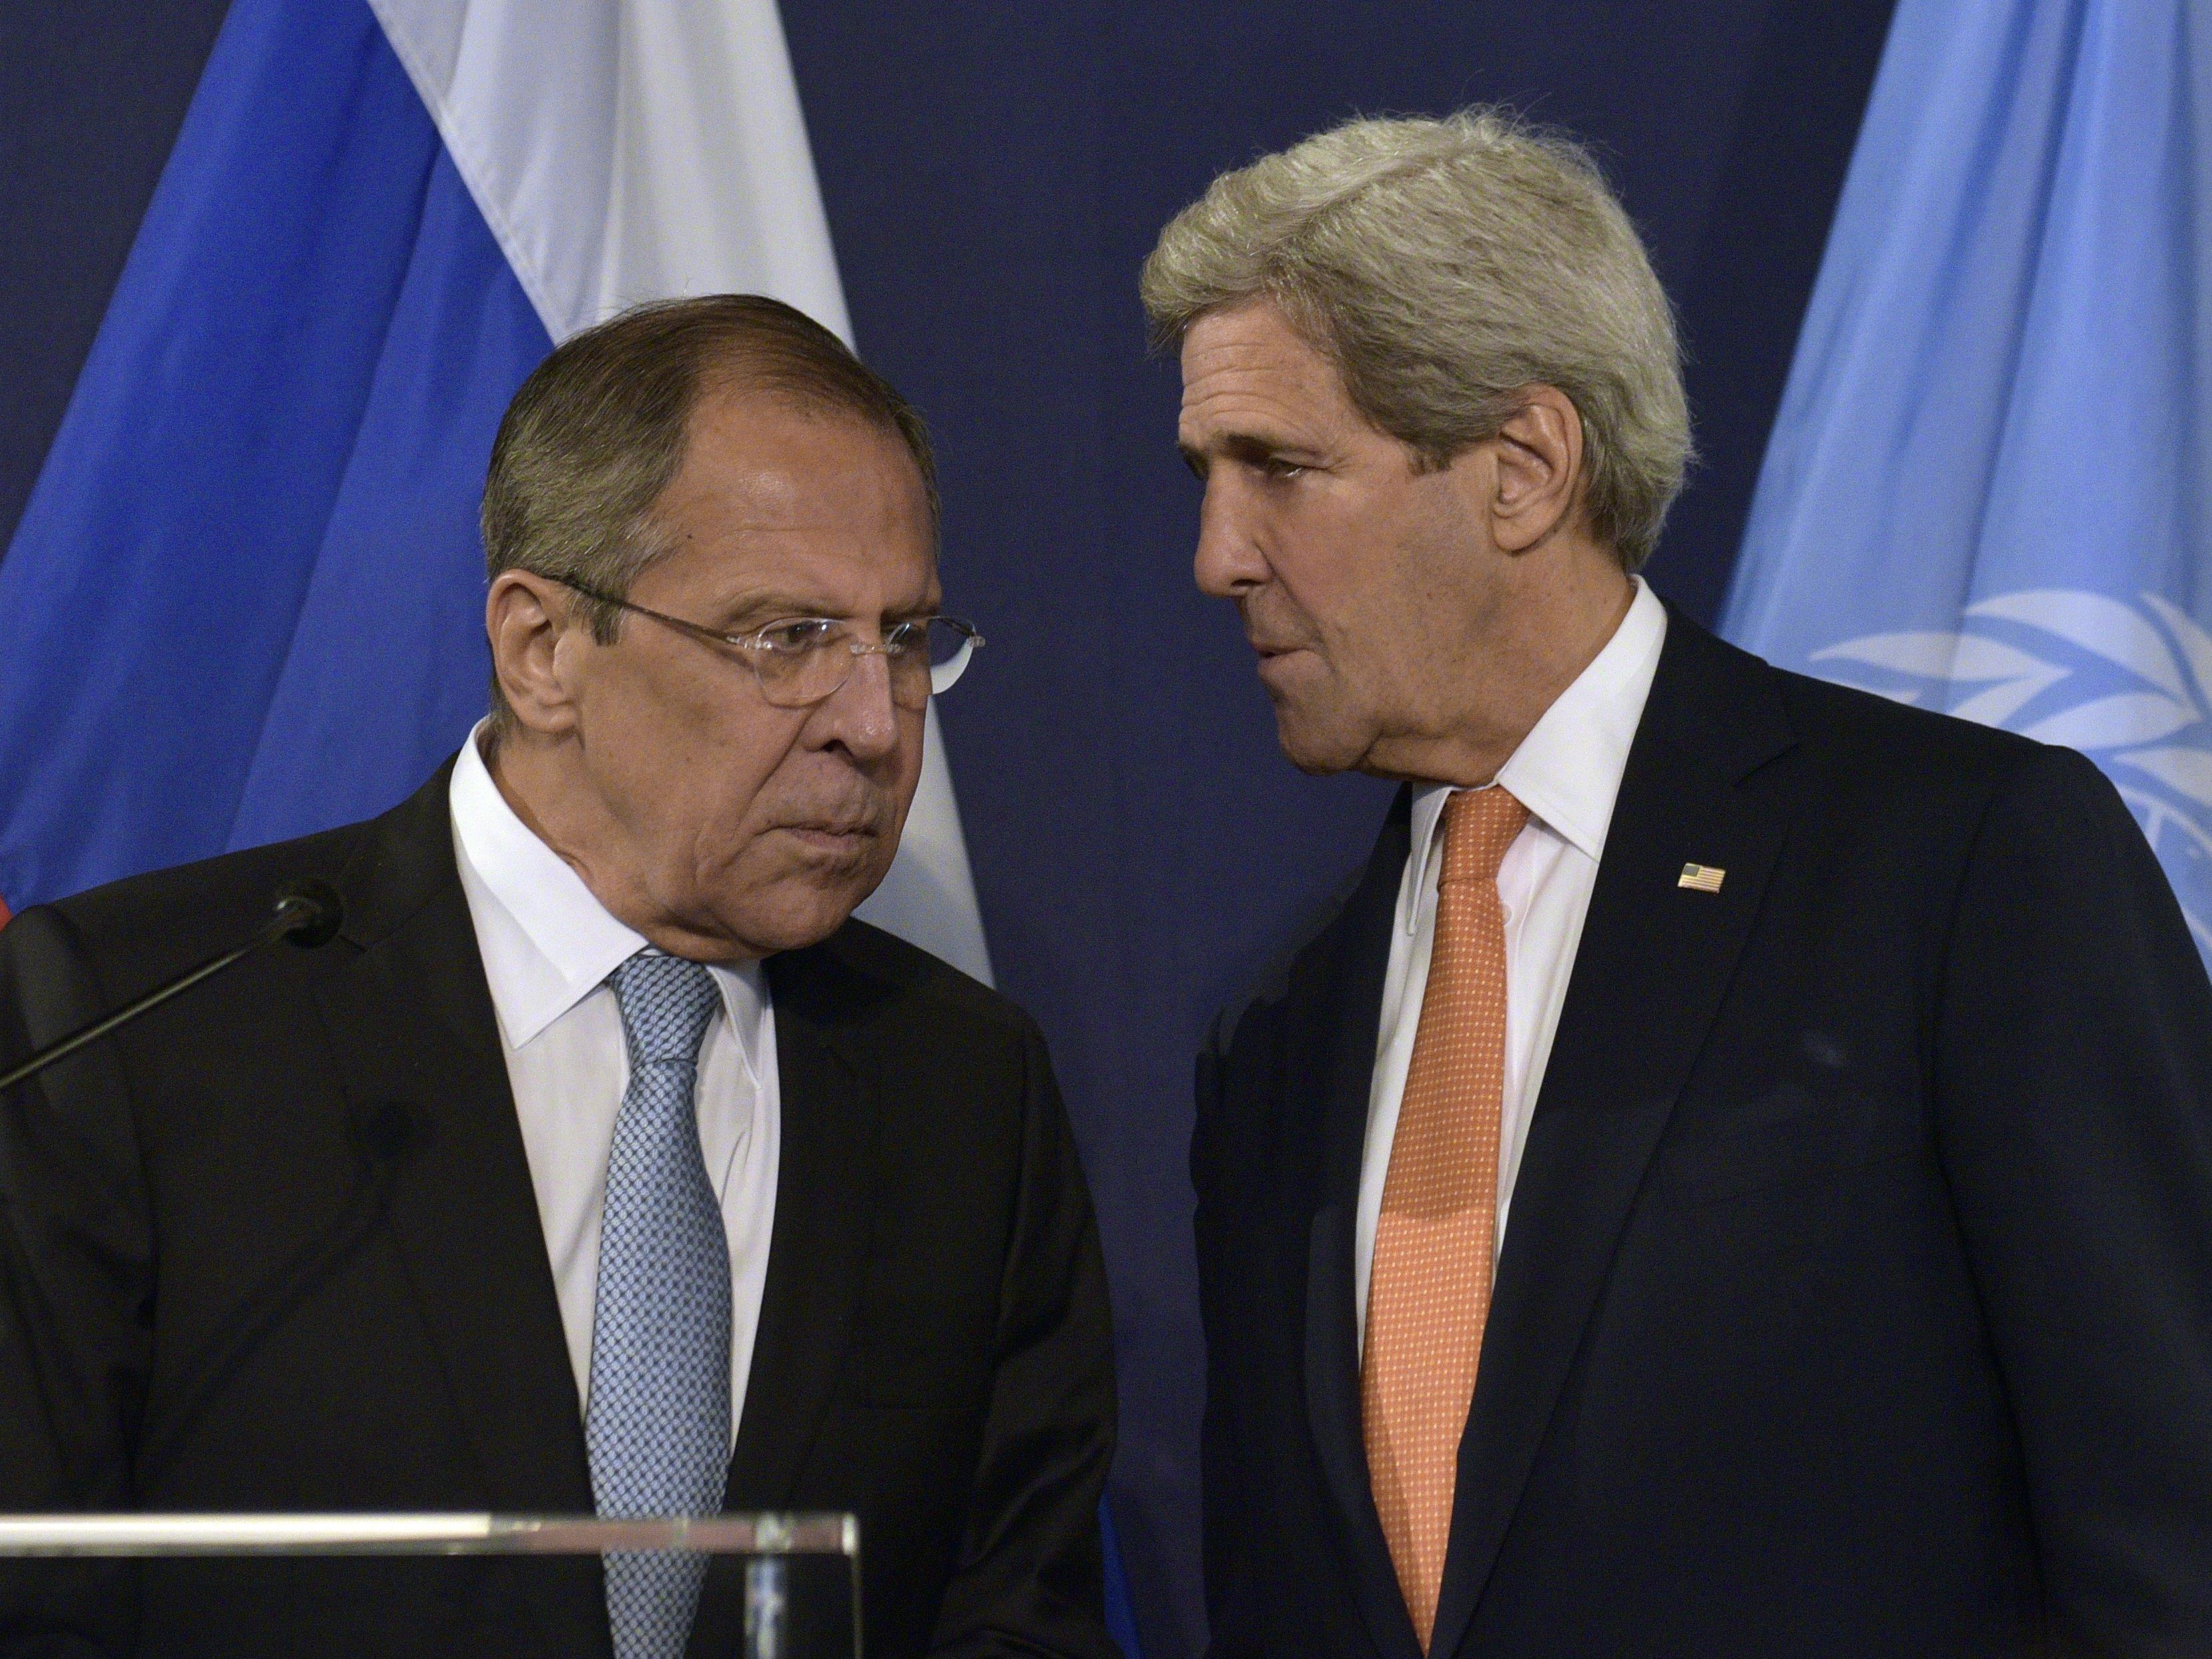 Sergej Lawrow und John Kerry wollen wieder über die Friedensbemühungen im Syrien-Konflikt beraten.